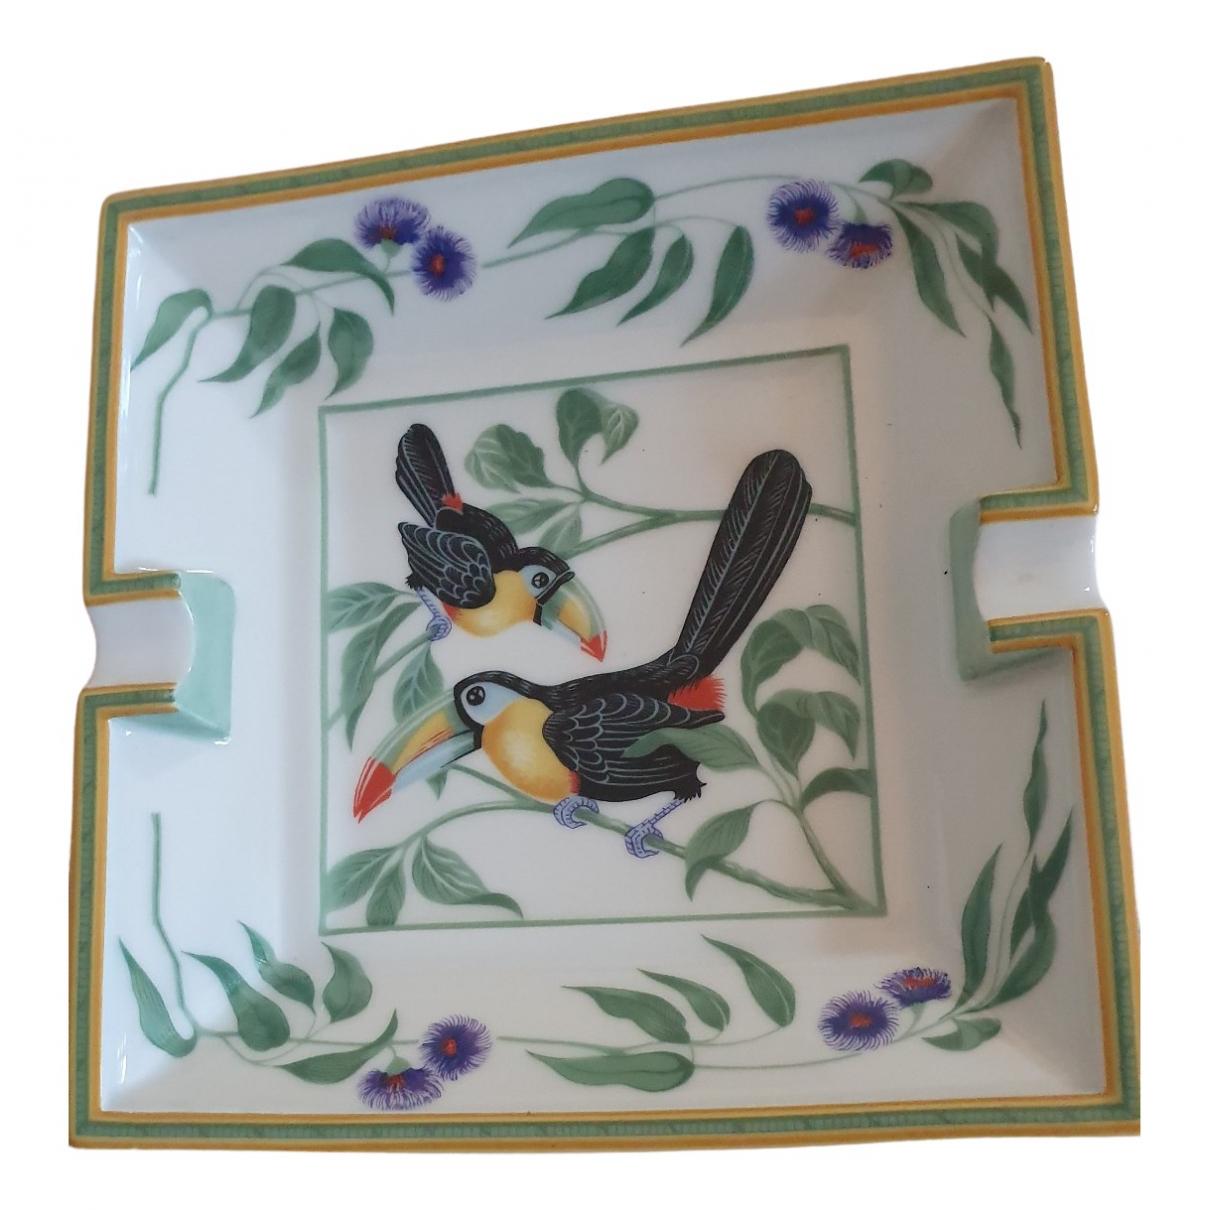 Cenicero Toucans de Porcelana Hermes